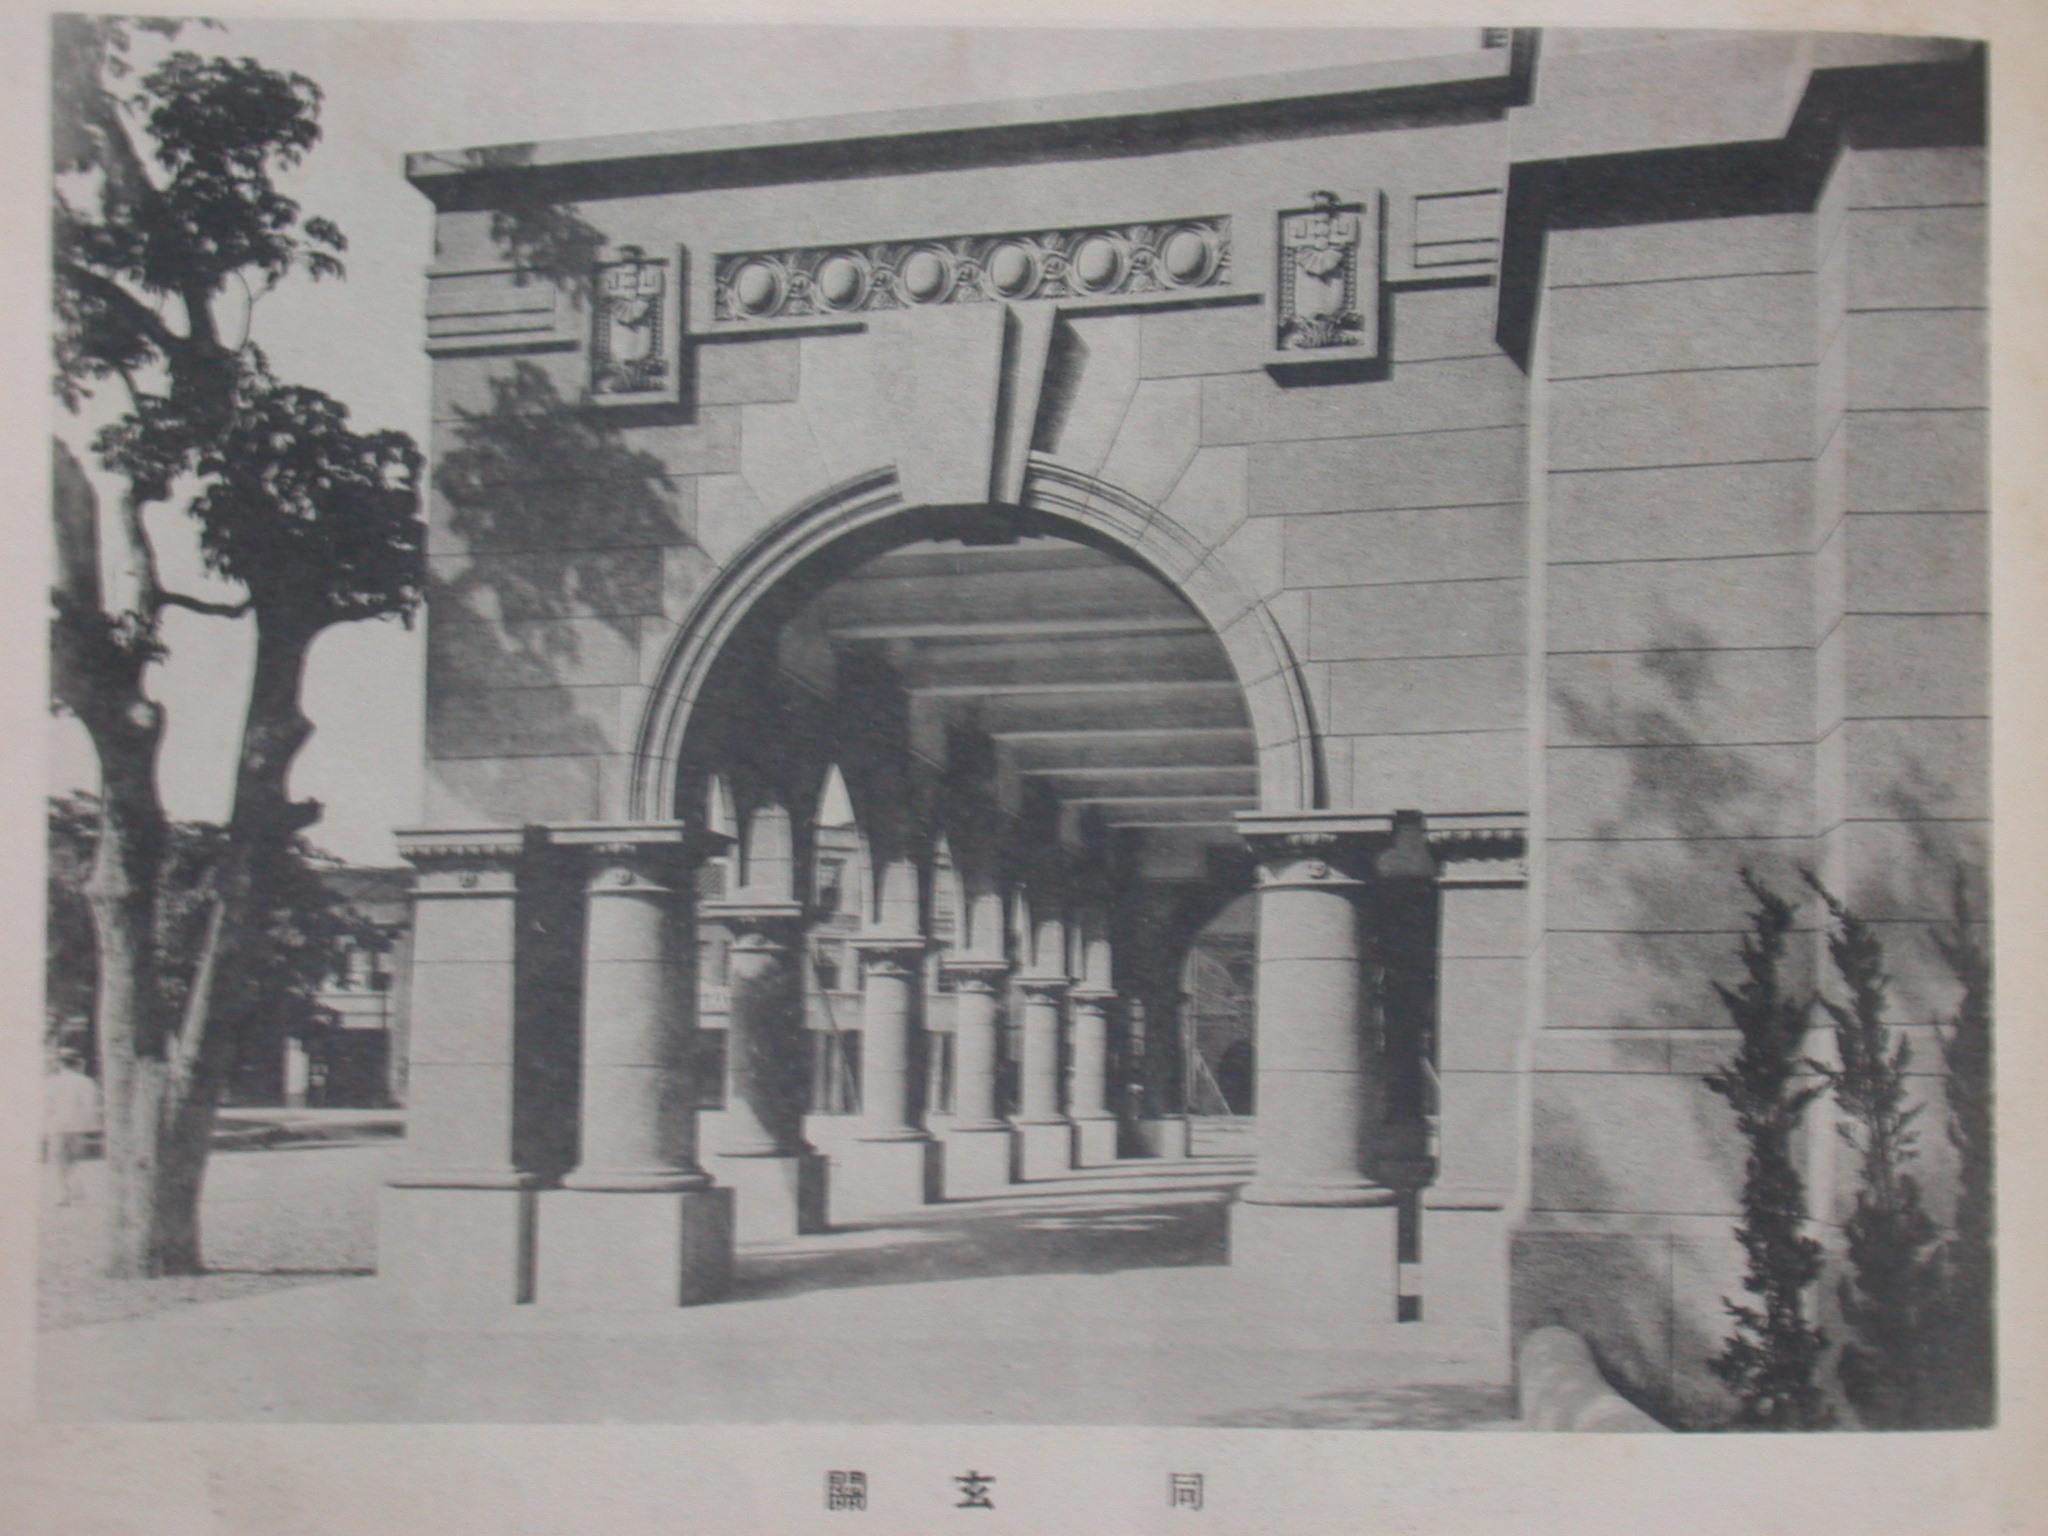 臺北郵局現代化建築特色之一:羅馬式半圓拱門廊